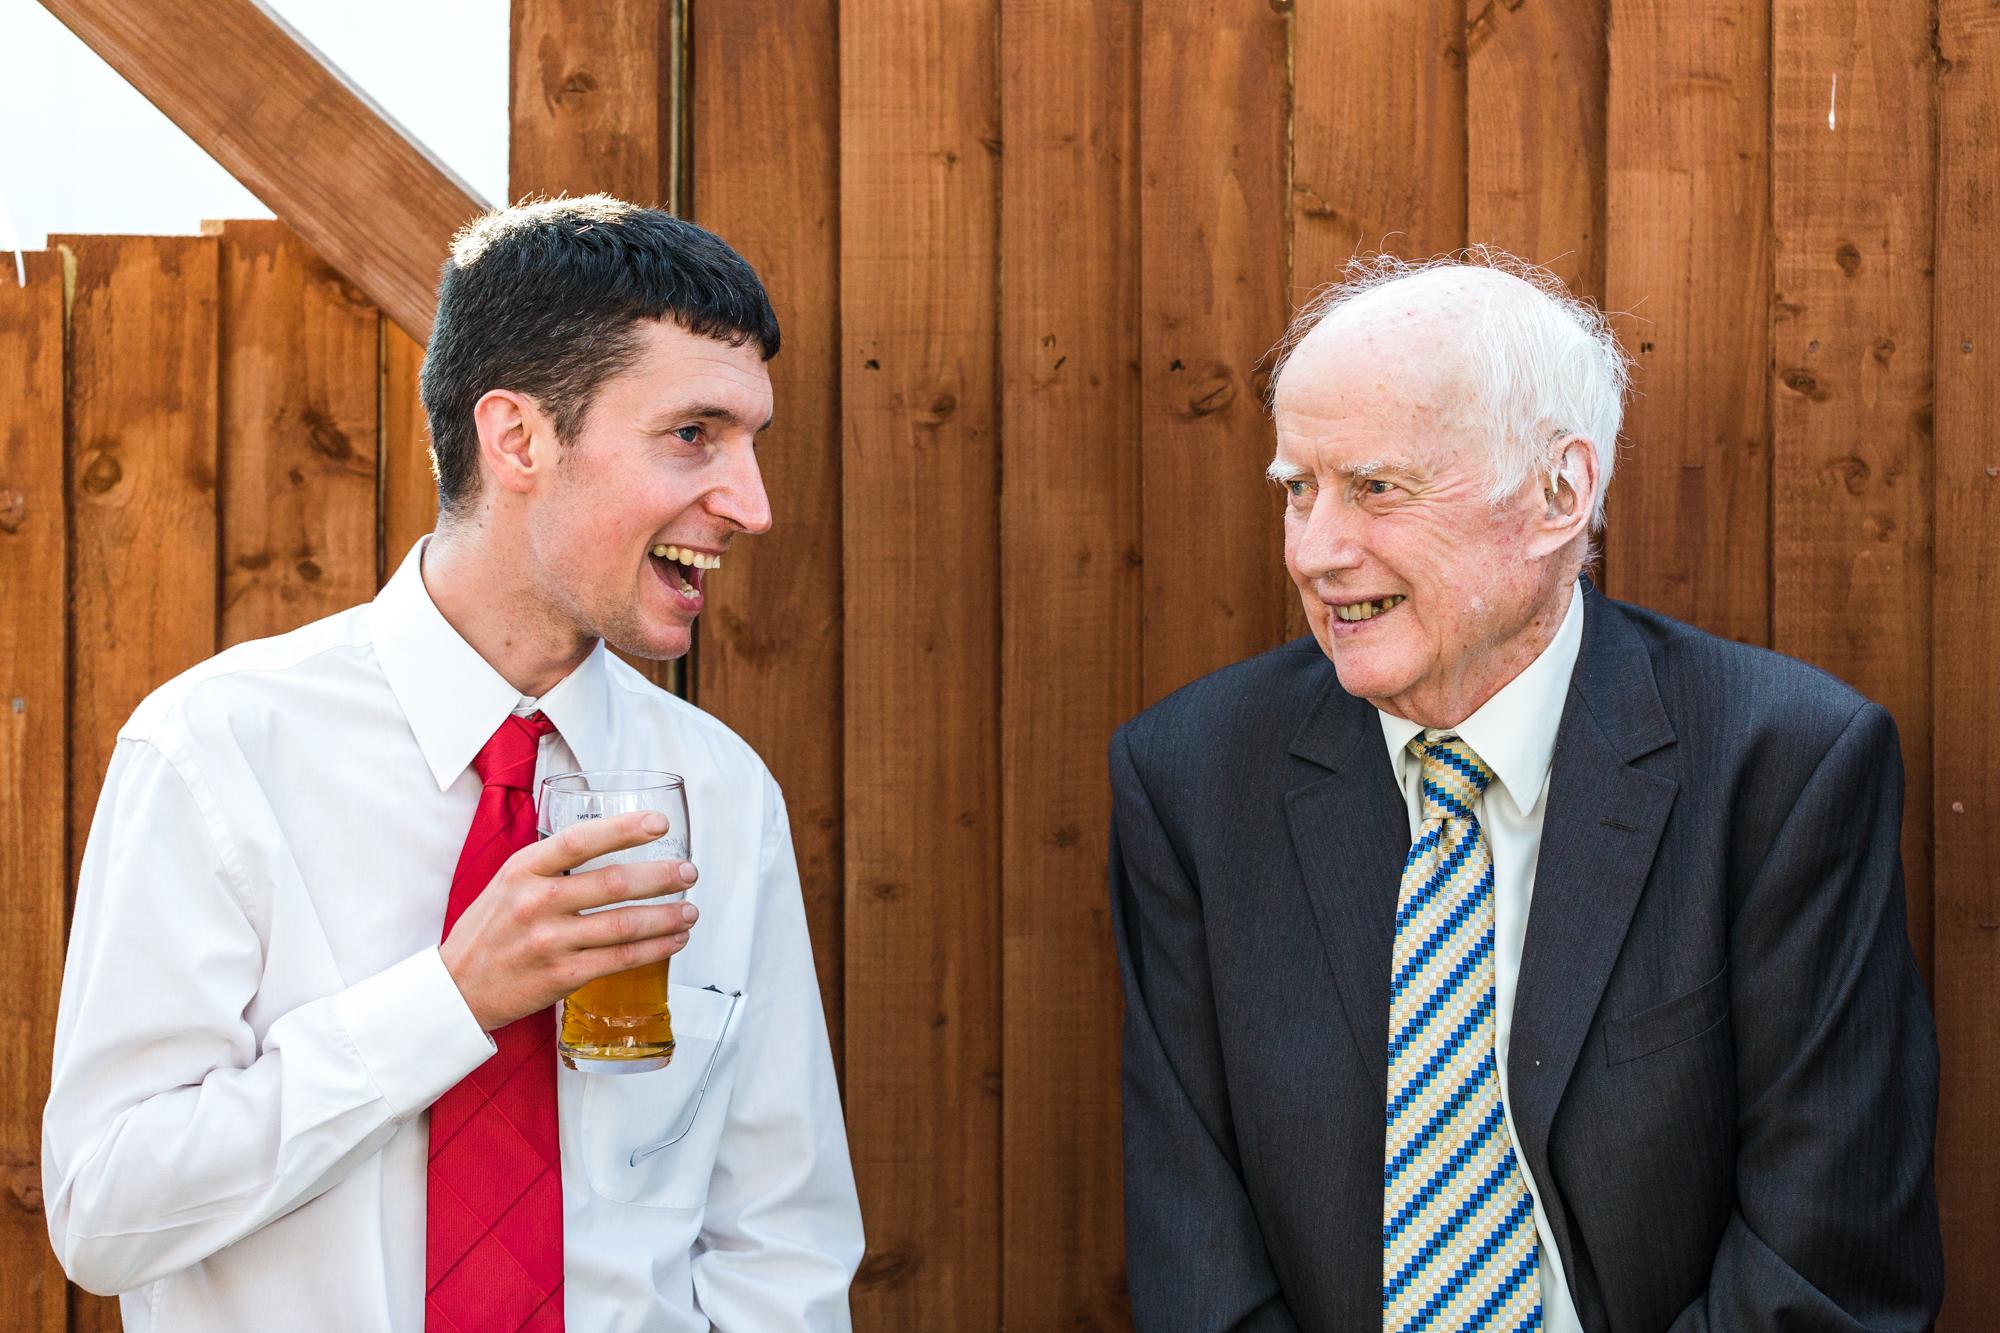 generations at Ridgeway golf club wedding